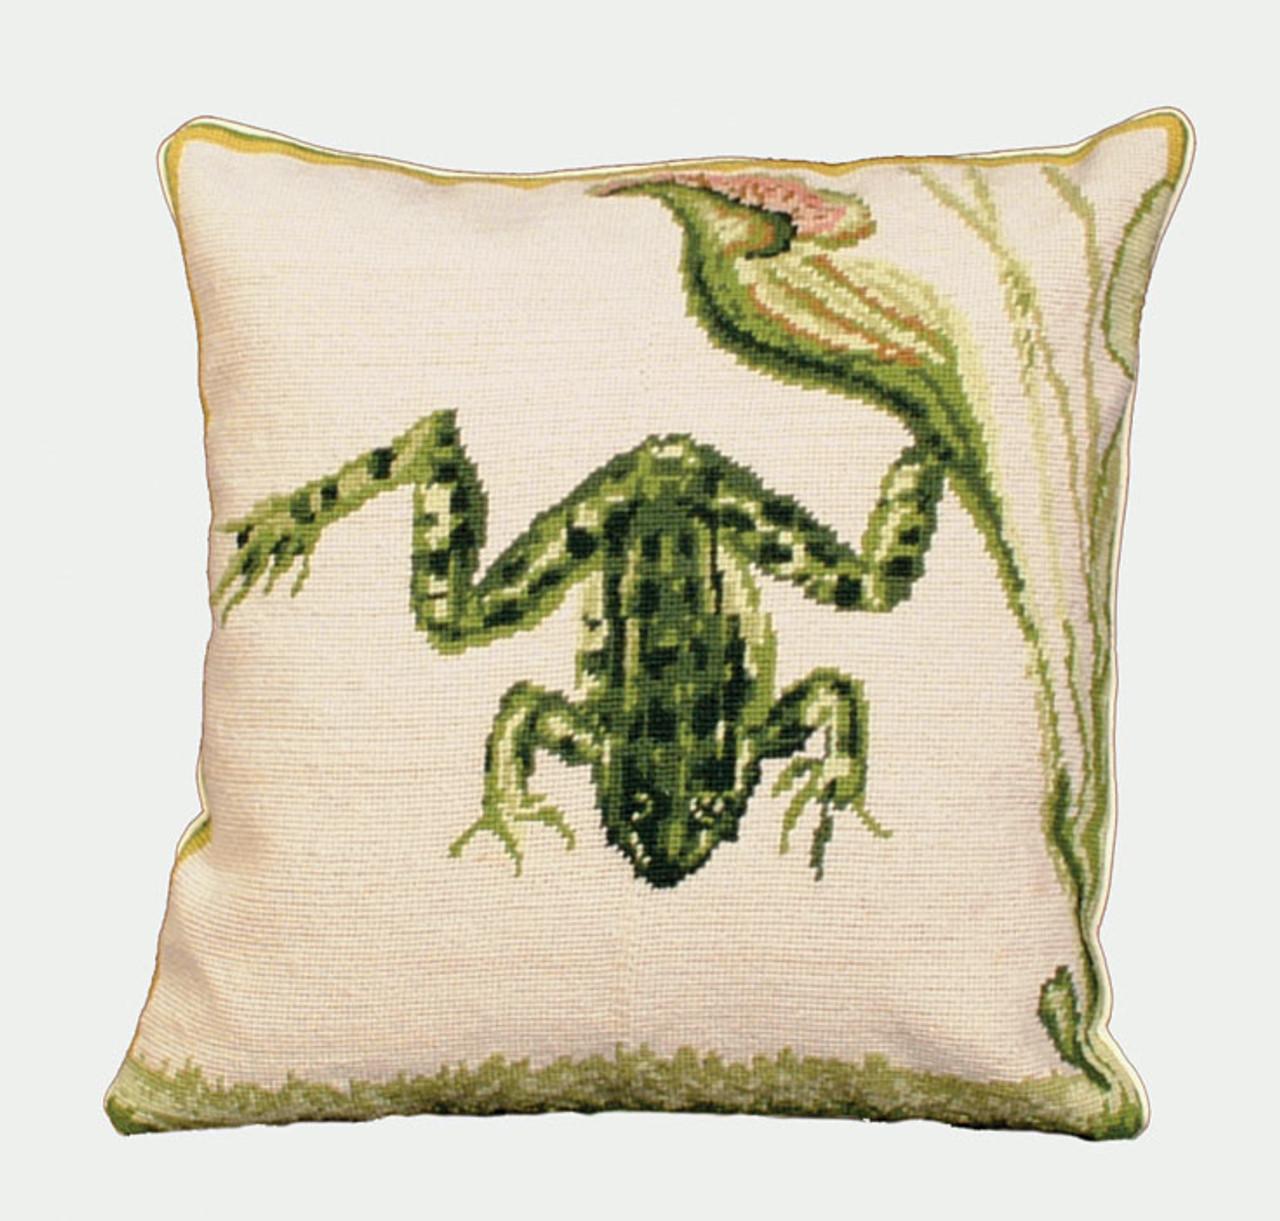 Bull Frog Needlepoint Pillow